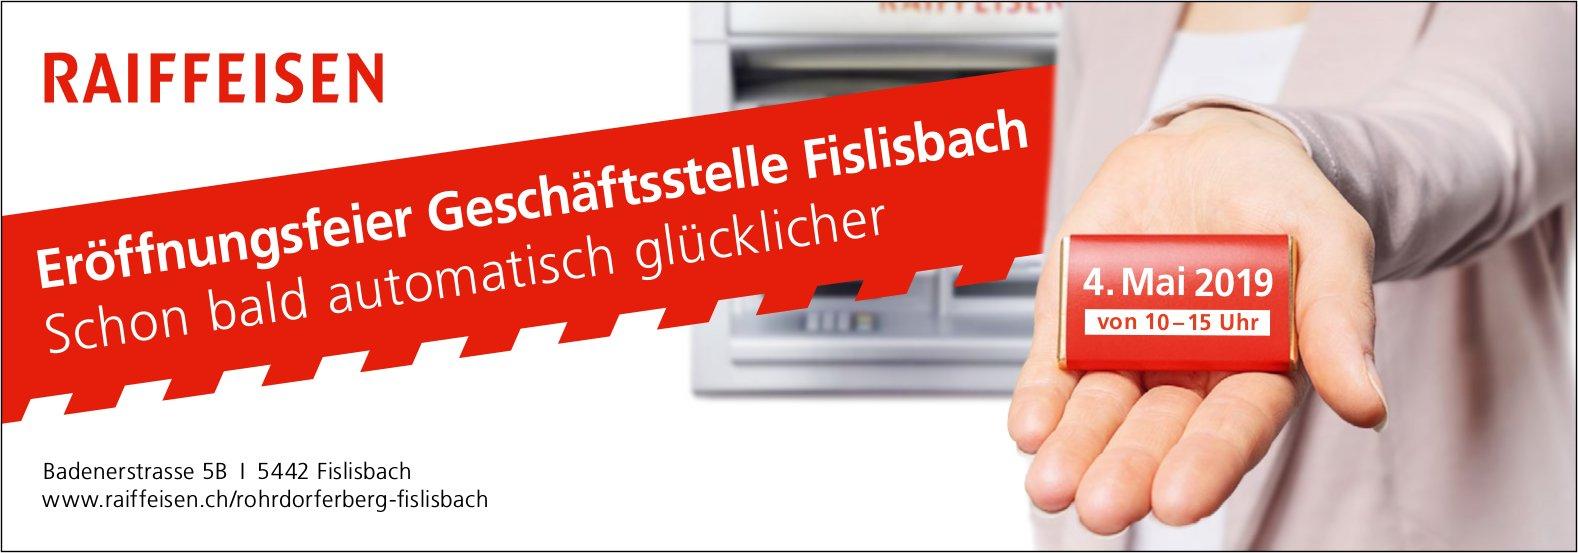 RAIFFEISEN - Eröffnungsfeier Geschäftsstelle Fislisbach am 4. Mai